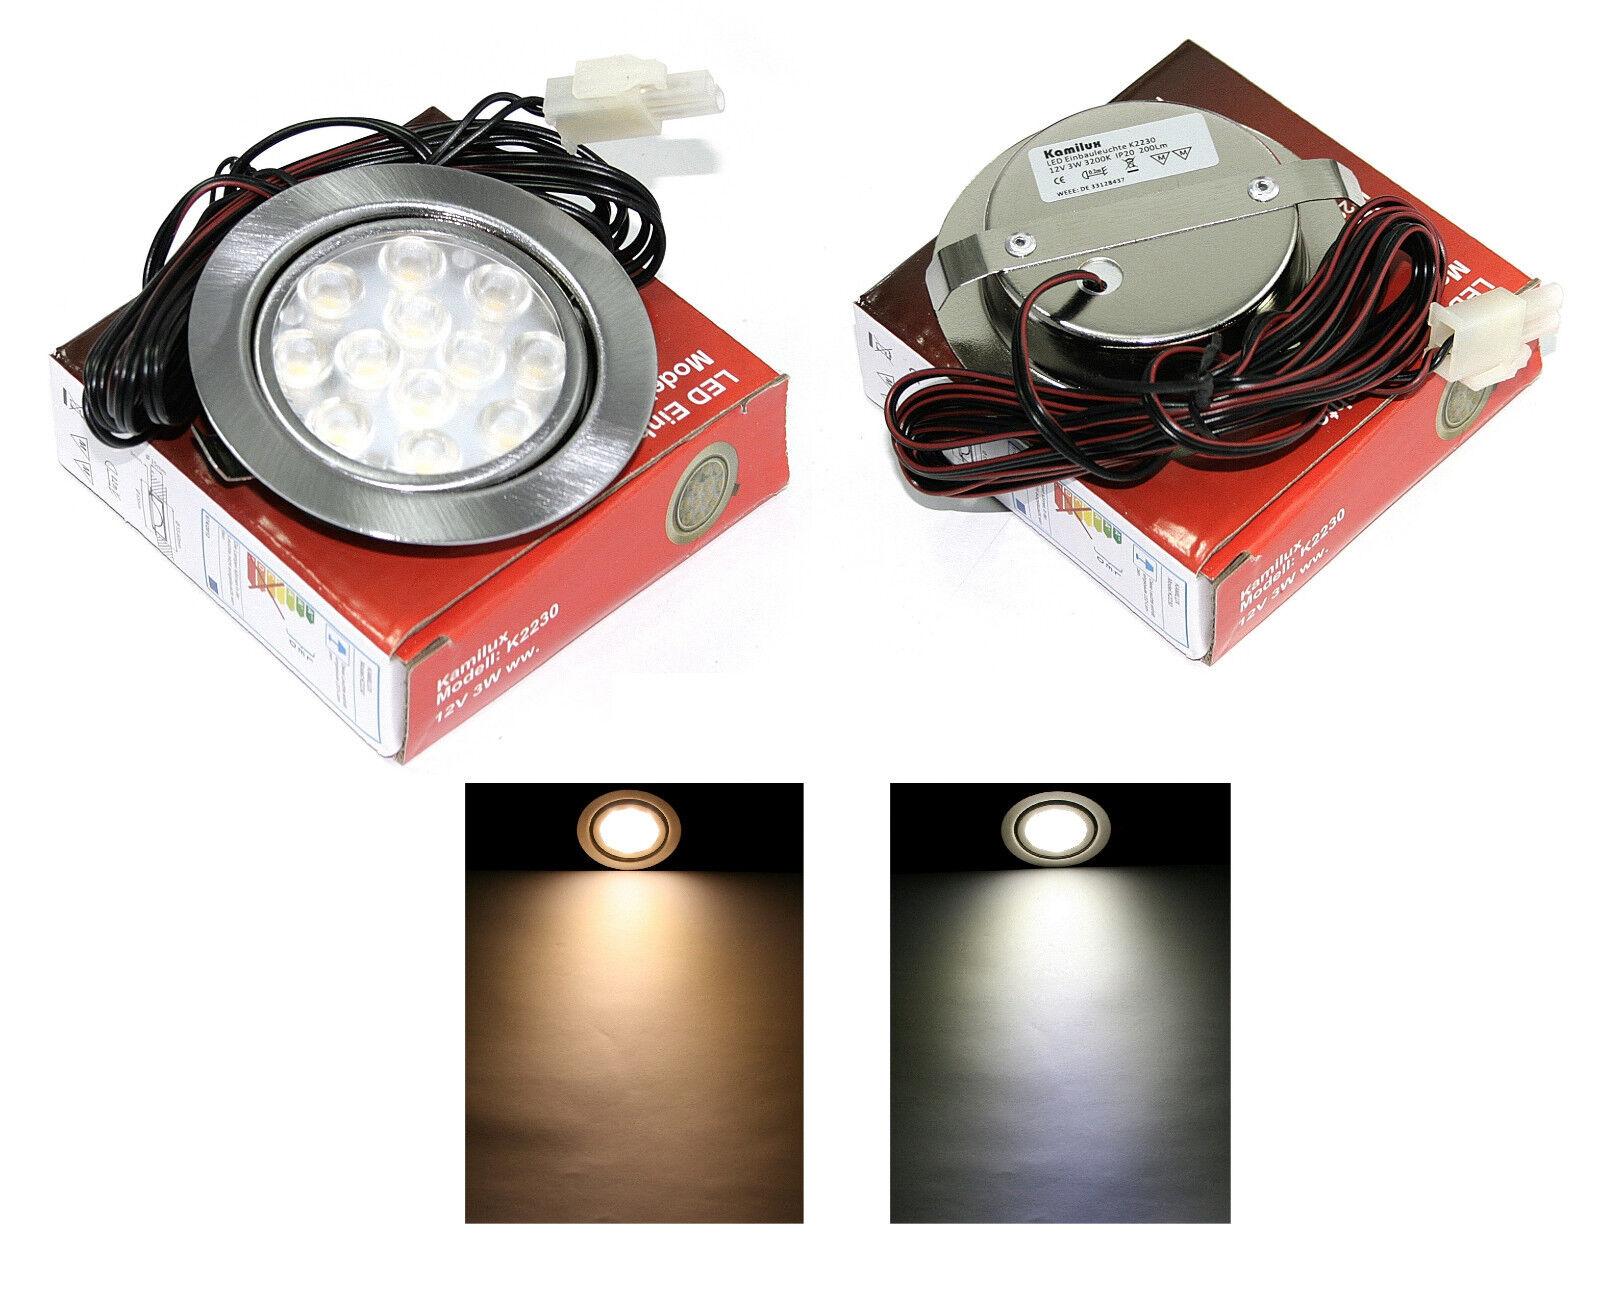 Küchen strahler Mobi 12V LED 3Watt  30Watt IP20 mit 1,5m Kabellänge ohne Trafo   | Die Qualität Und Die Verbraucher Zunächst  | Großer Verkauf  | Qualität zuerst